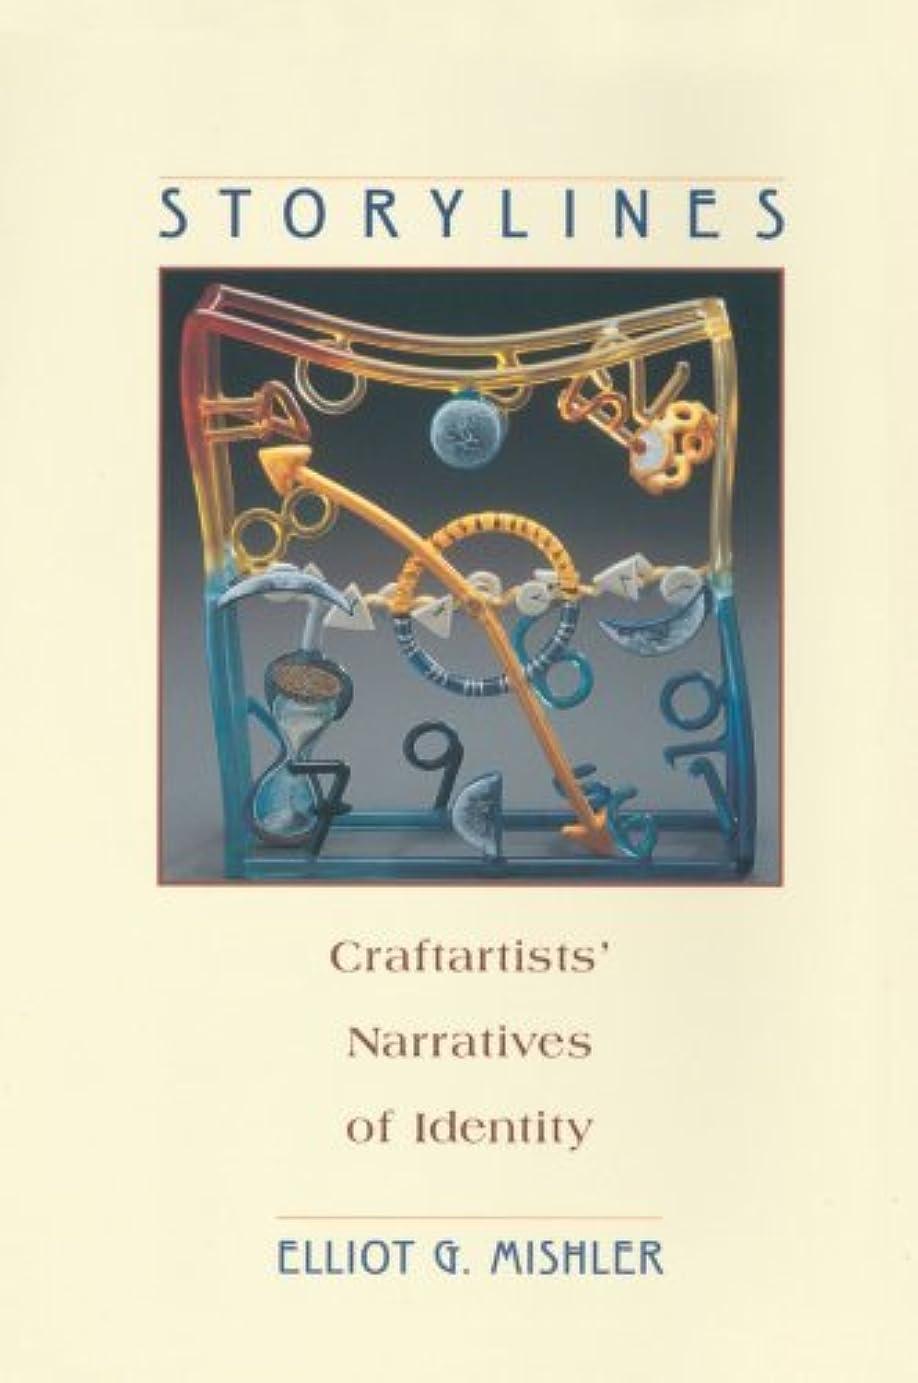 遅滞幻想肺Storylines: Craftartists' Narratives of Identity (English Edition)